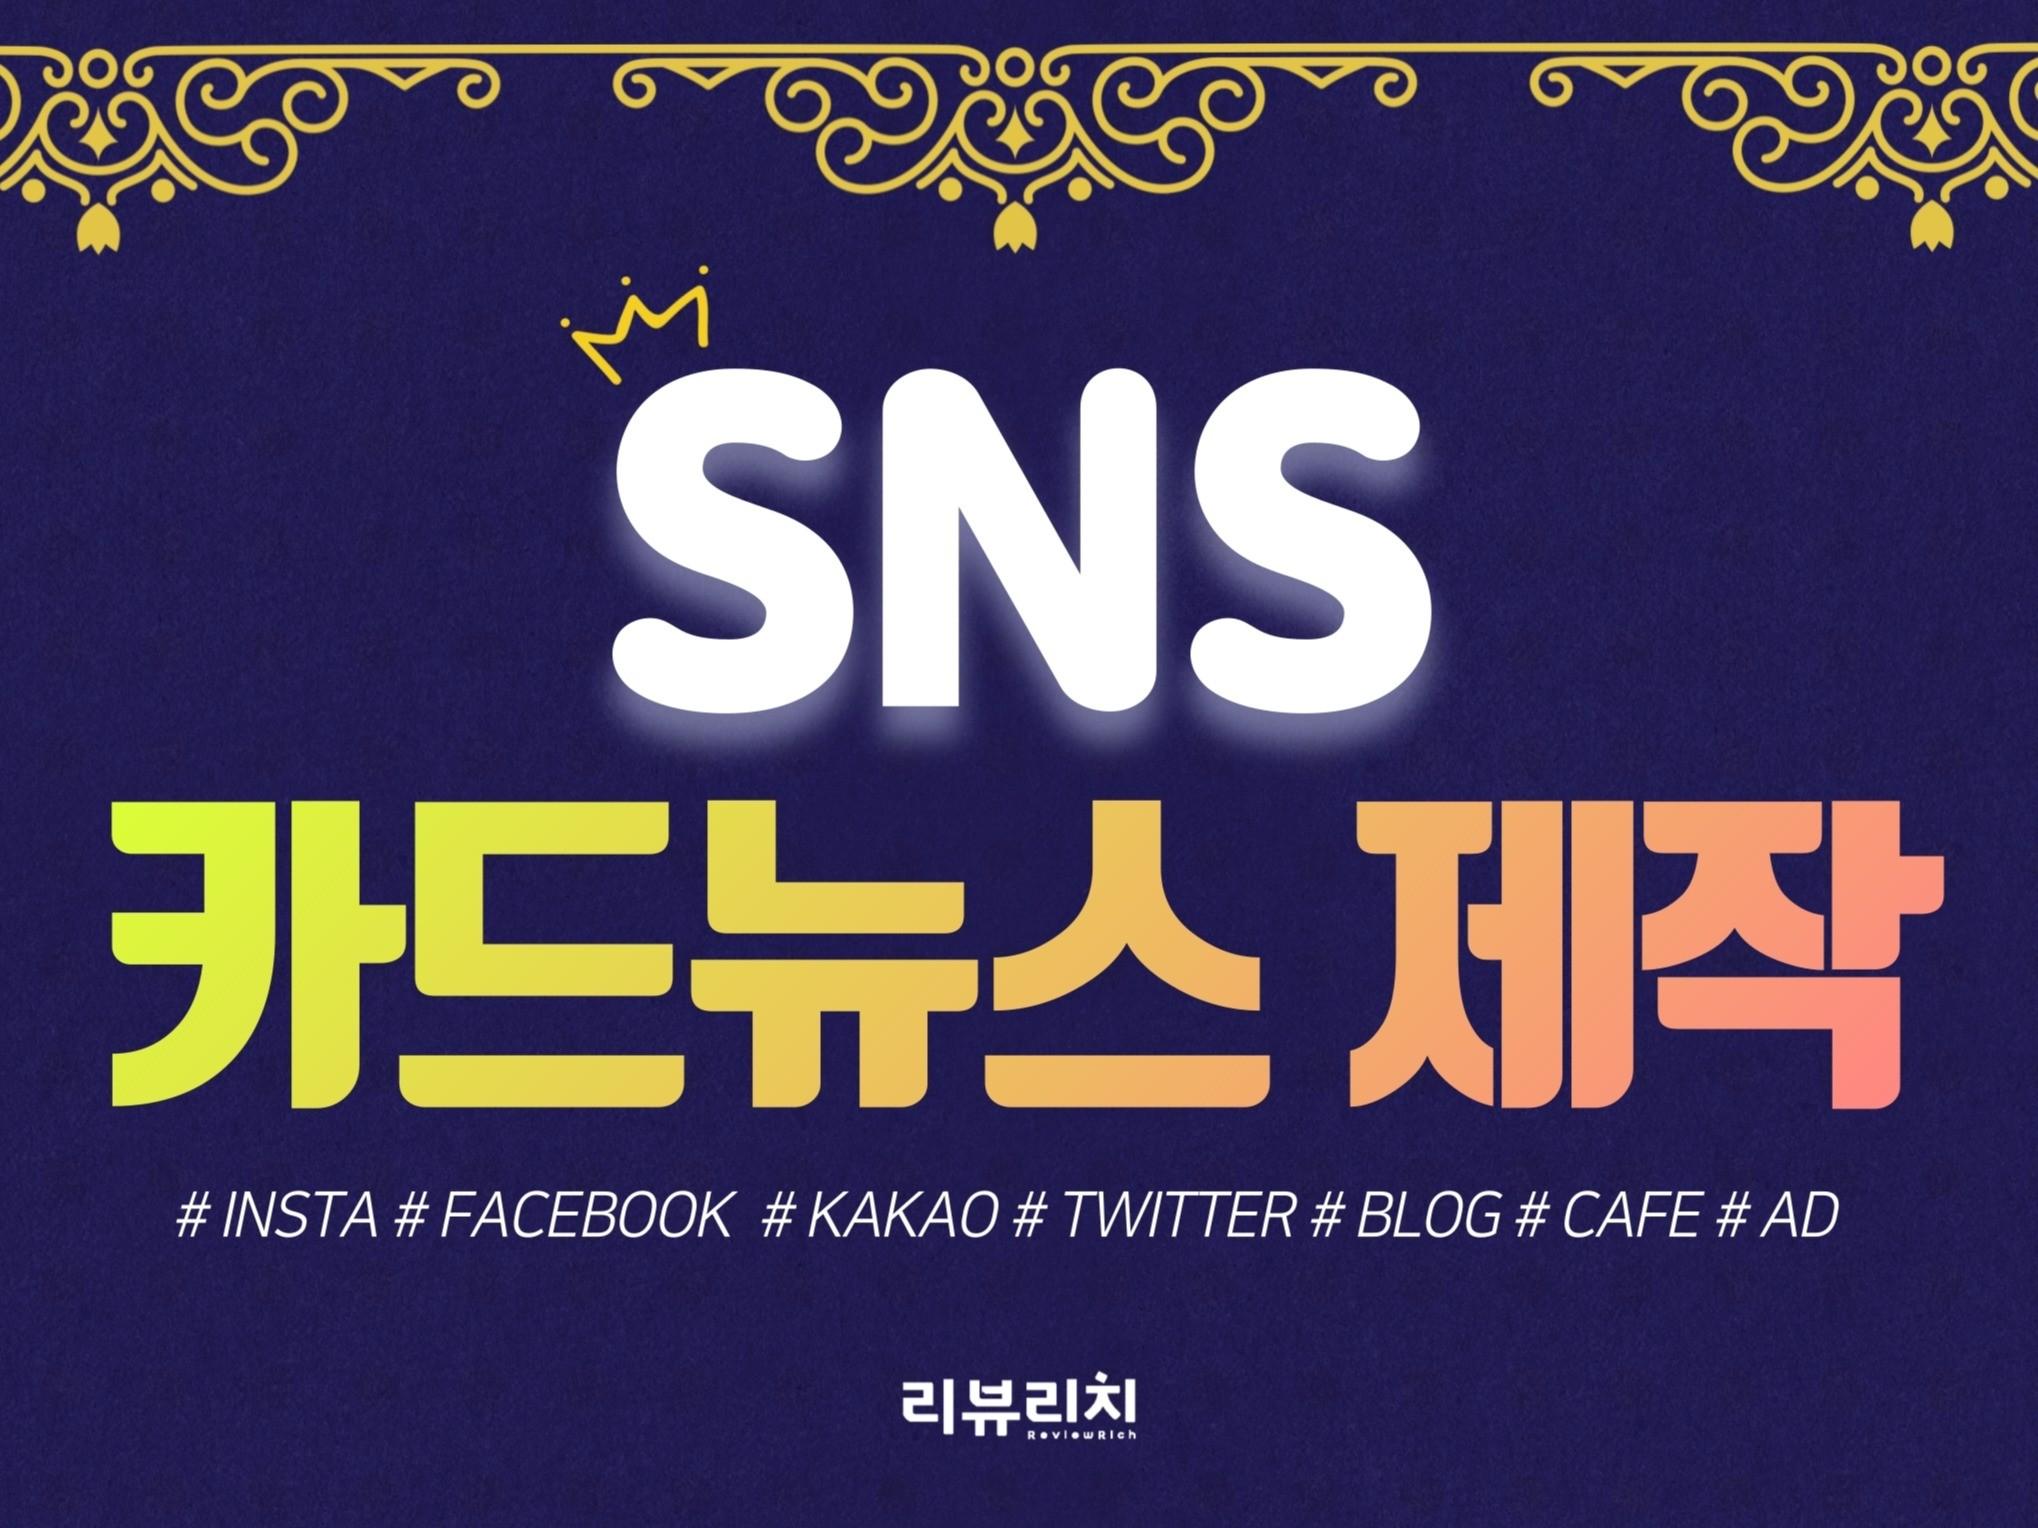 고퀄리티 올인원 SNS 카드뉴스 맞춤 제작해 드립니다.